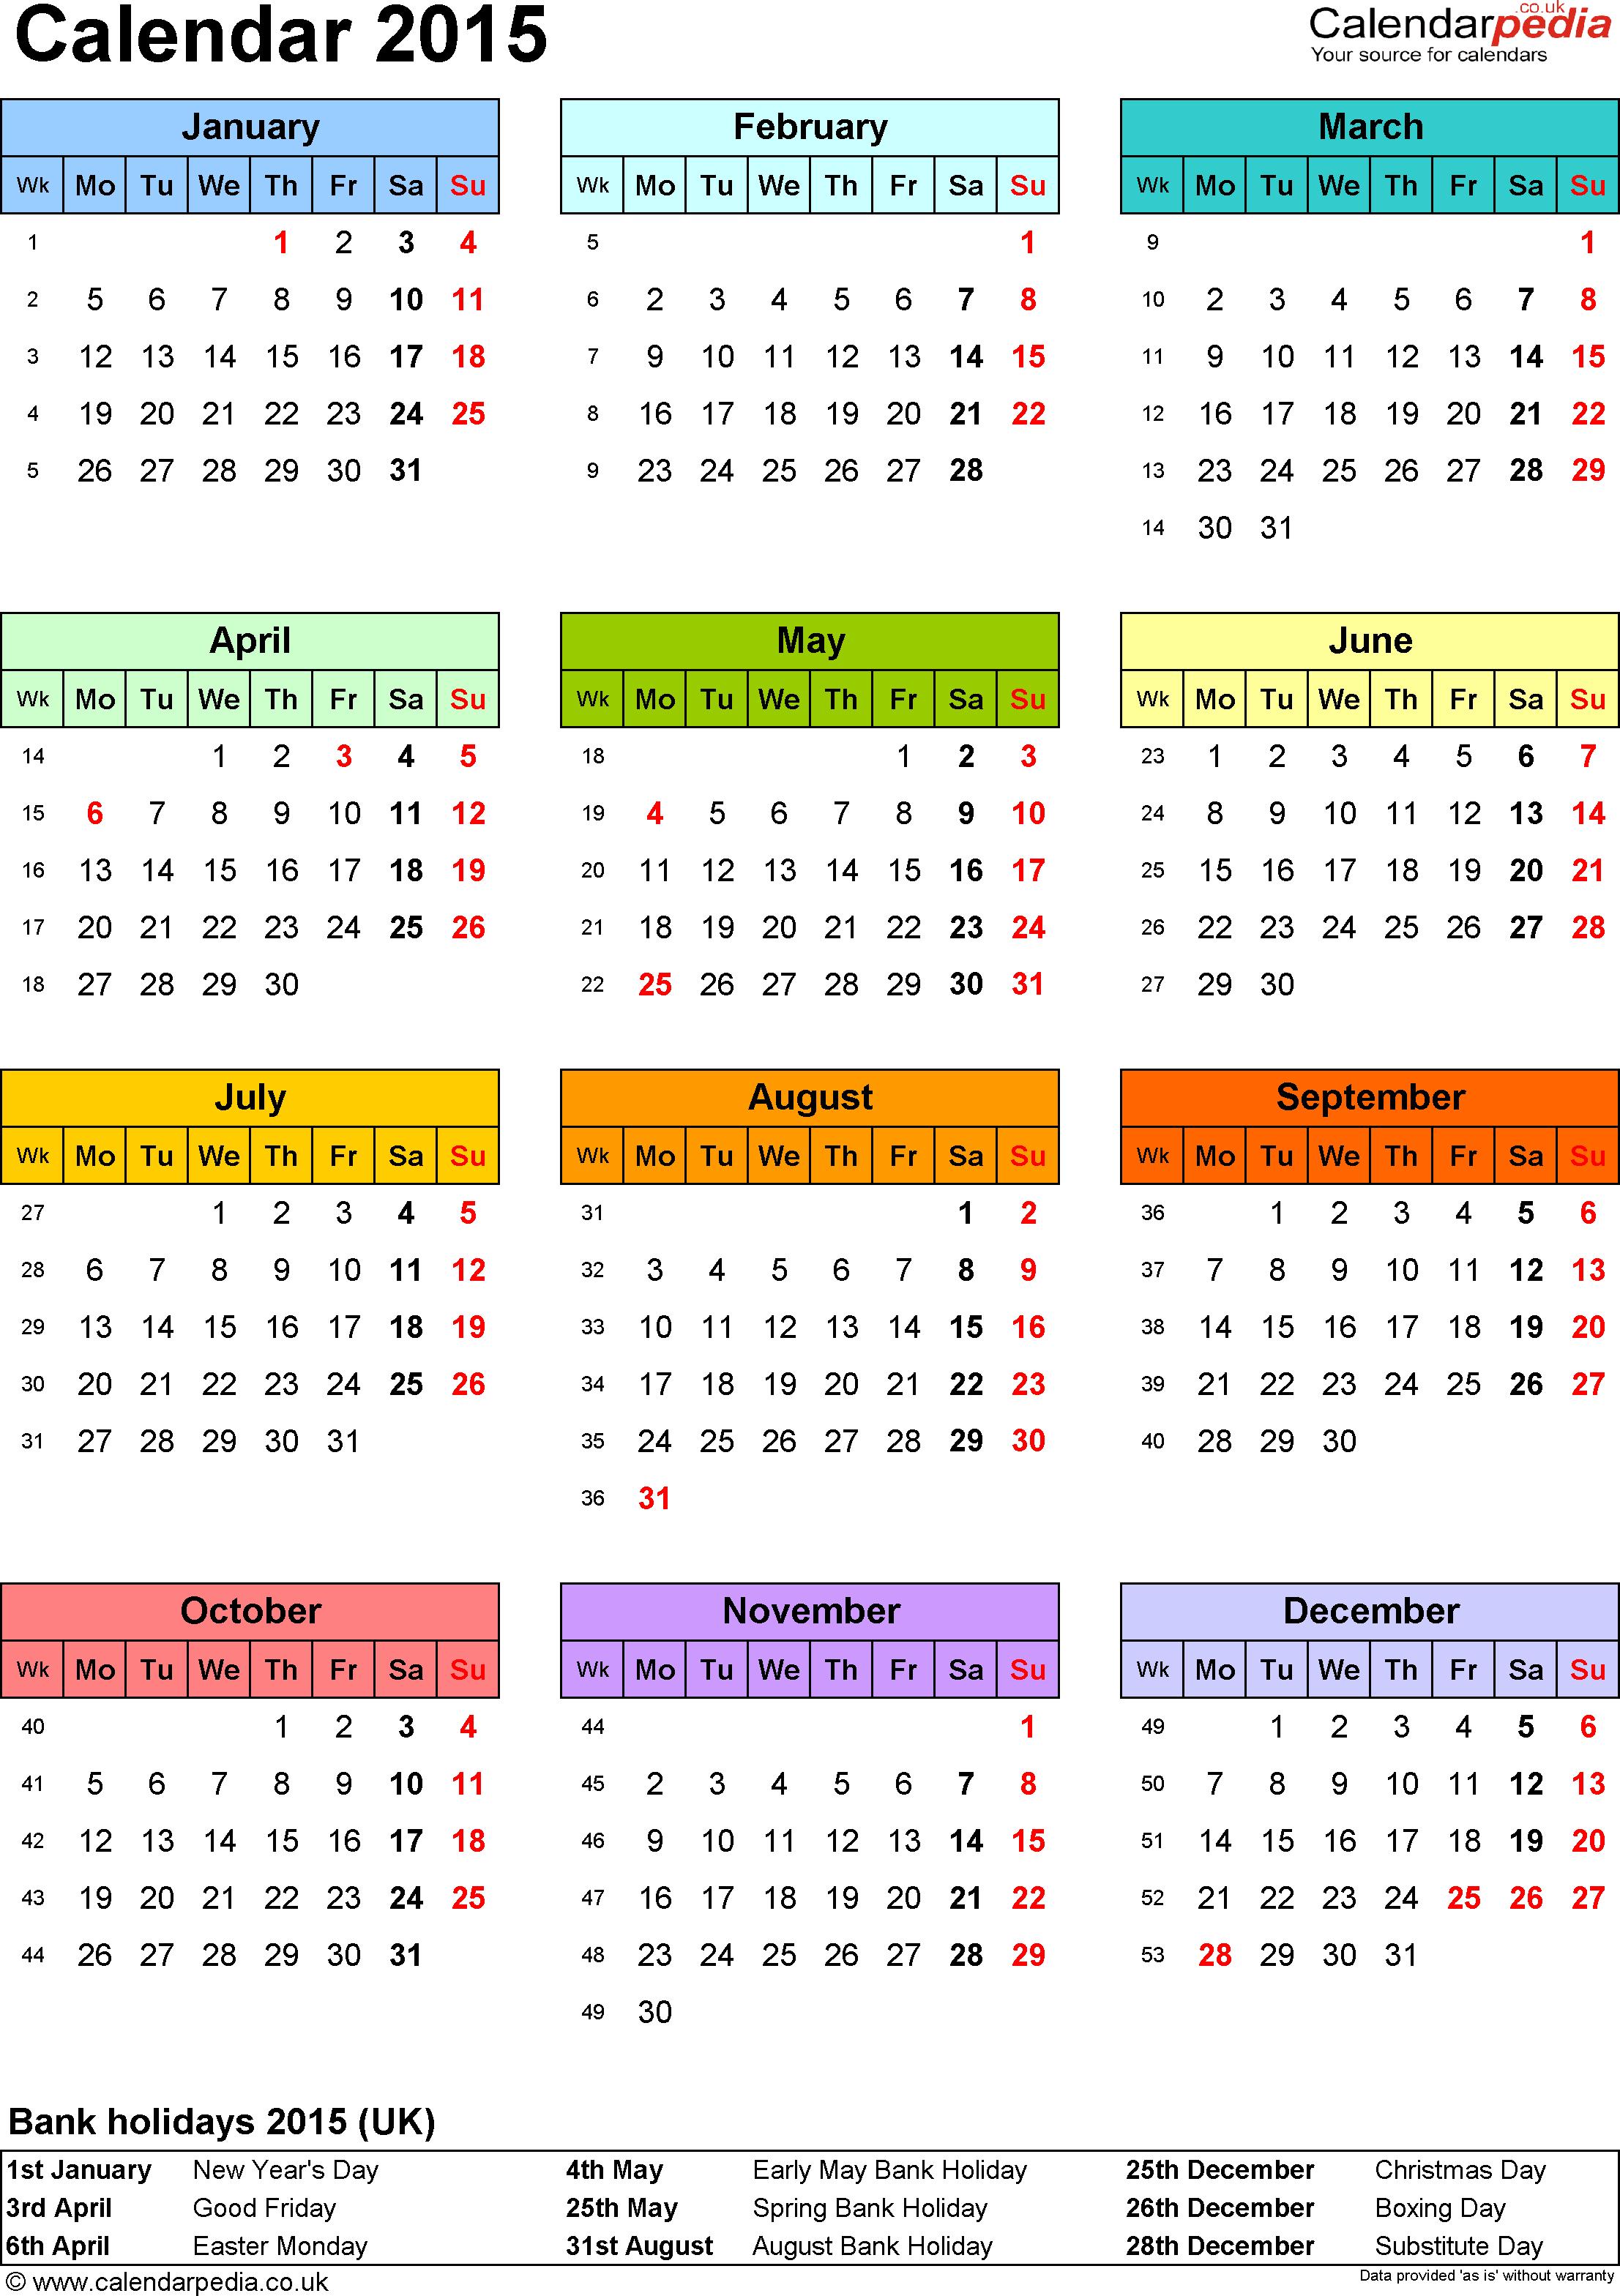 Calendar 2015 Uk 16 Free Printable Pdf Templates | News To Gow - Free Printable Diary 2015